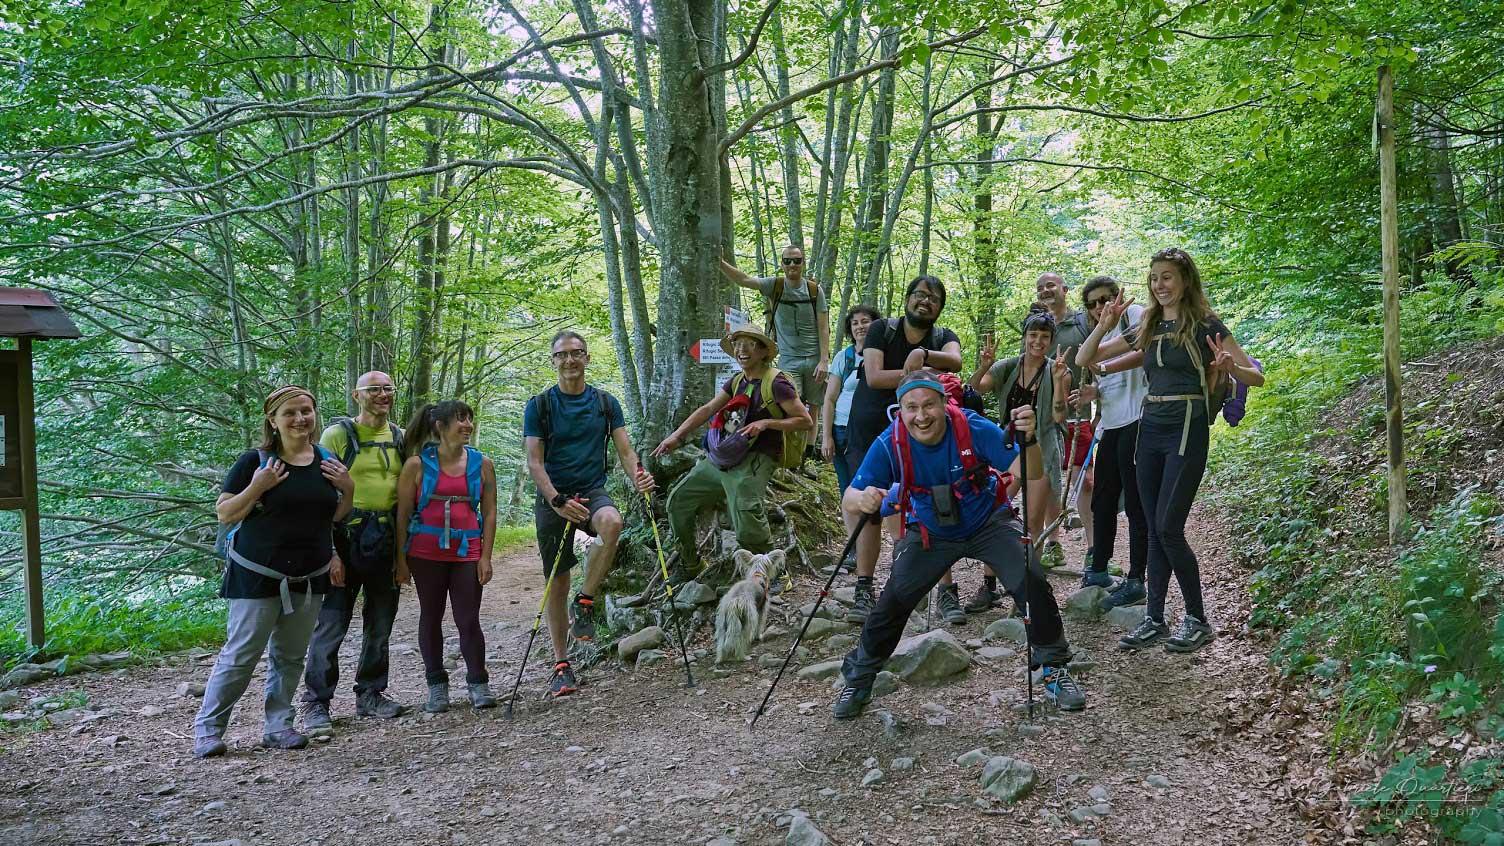 Psicologia-ed-escursionismo3-La-nostra-camminata-nell'appennino-Reggiano